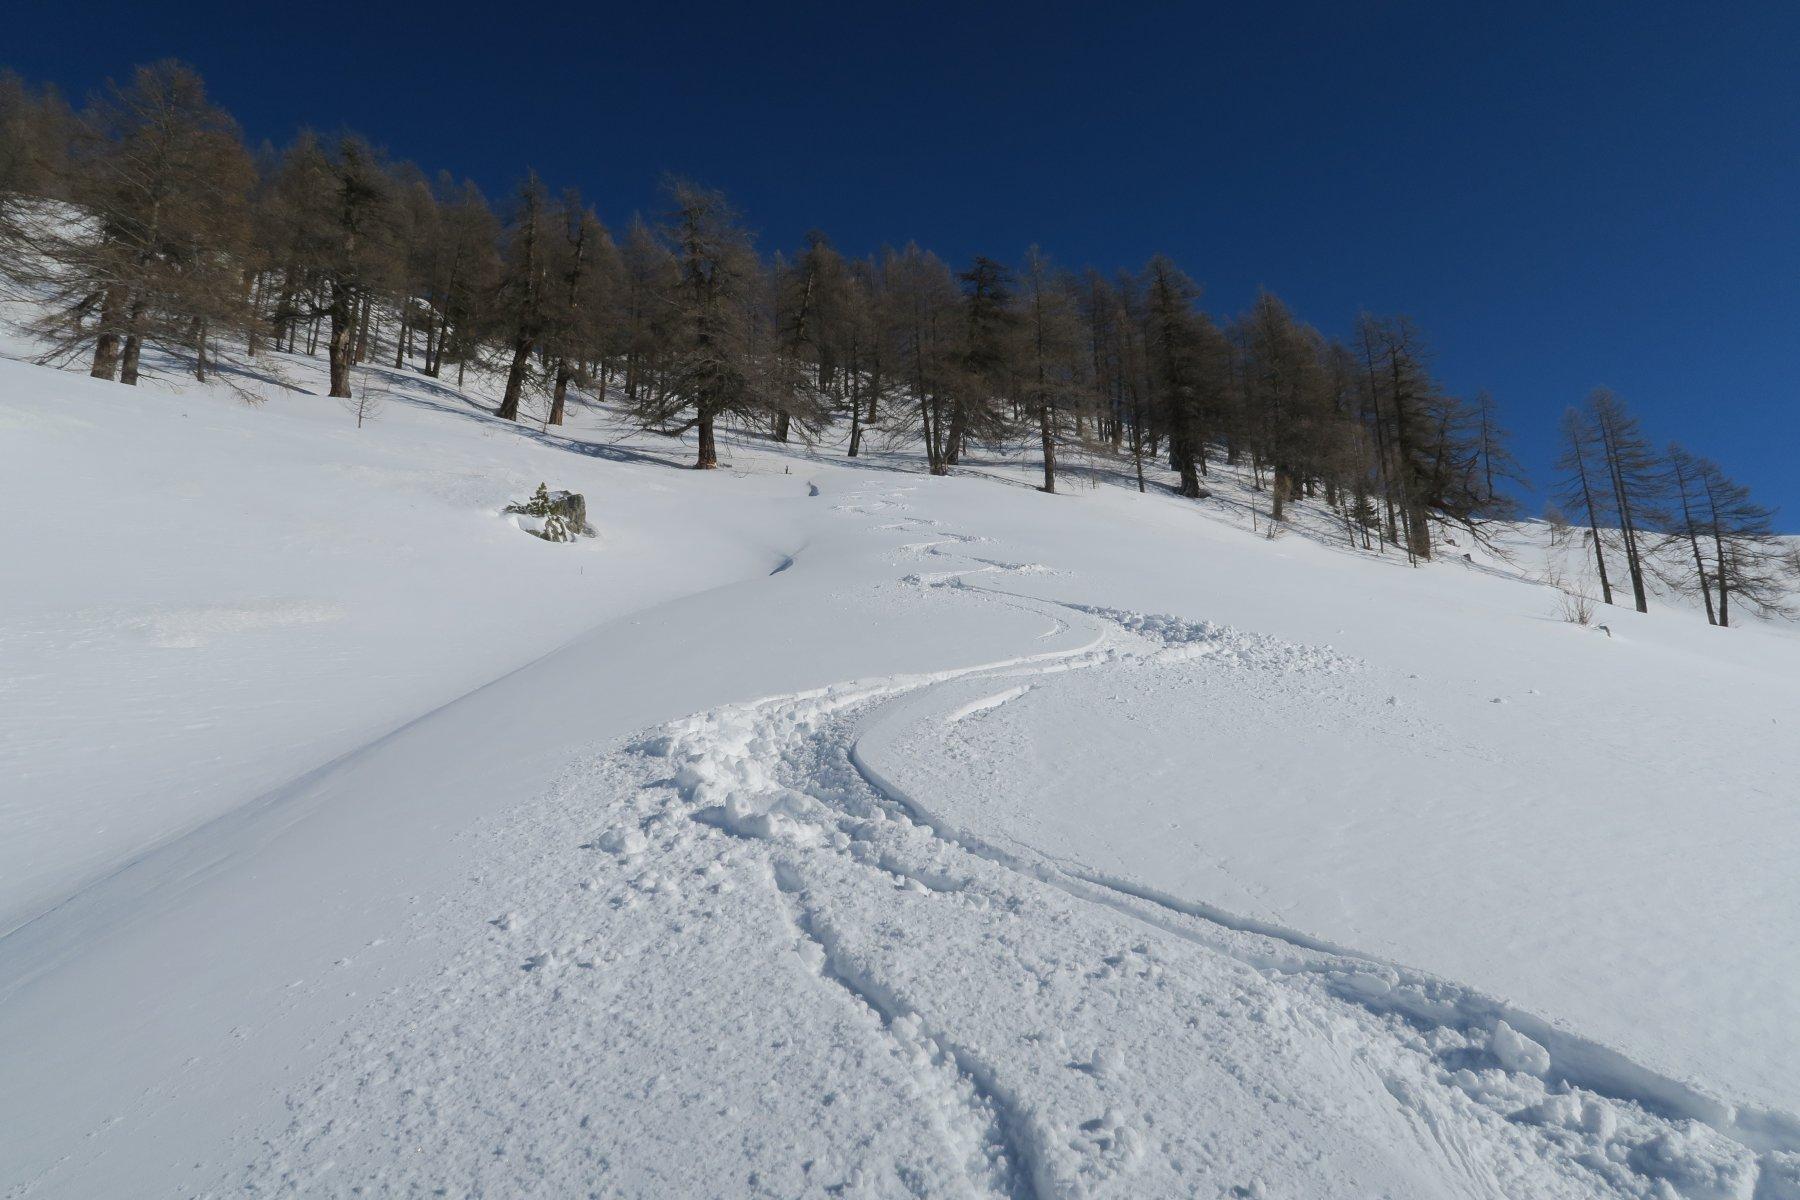 anche più in basso ottima neve